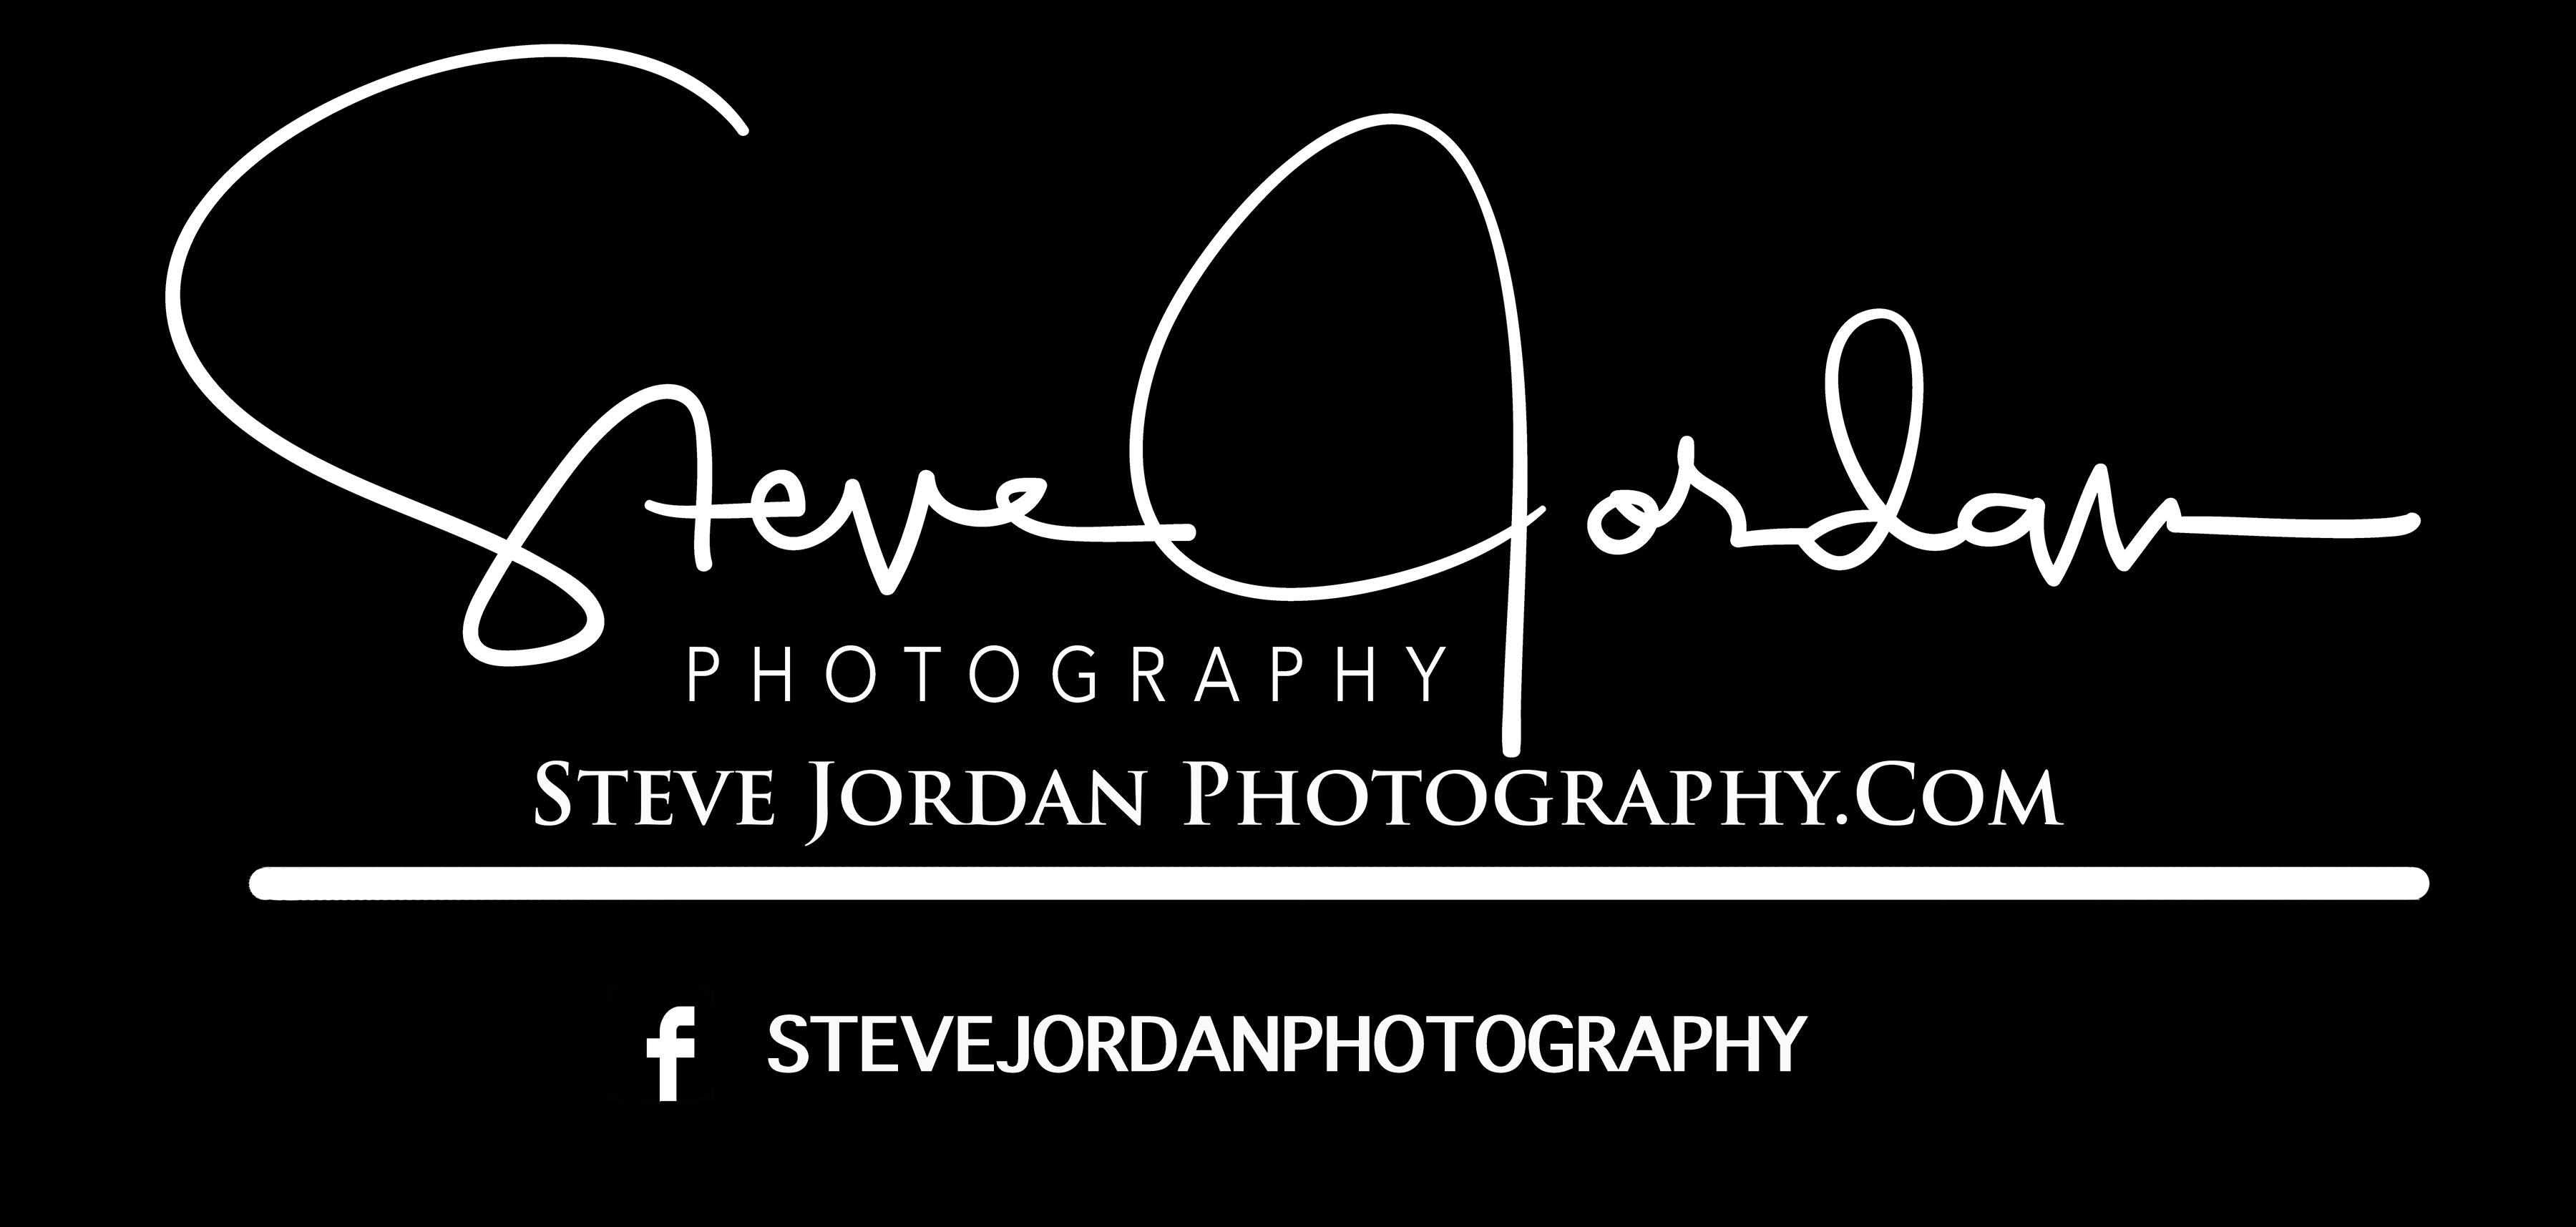 Steve Jordan Photography